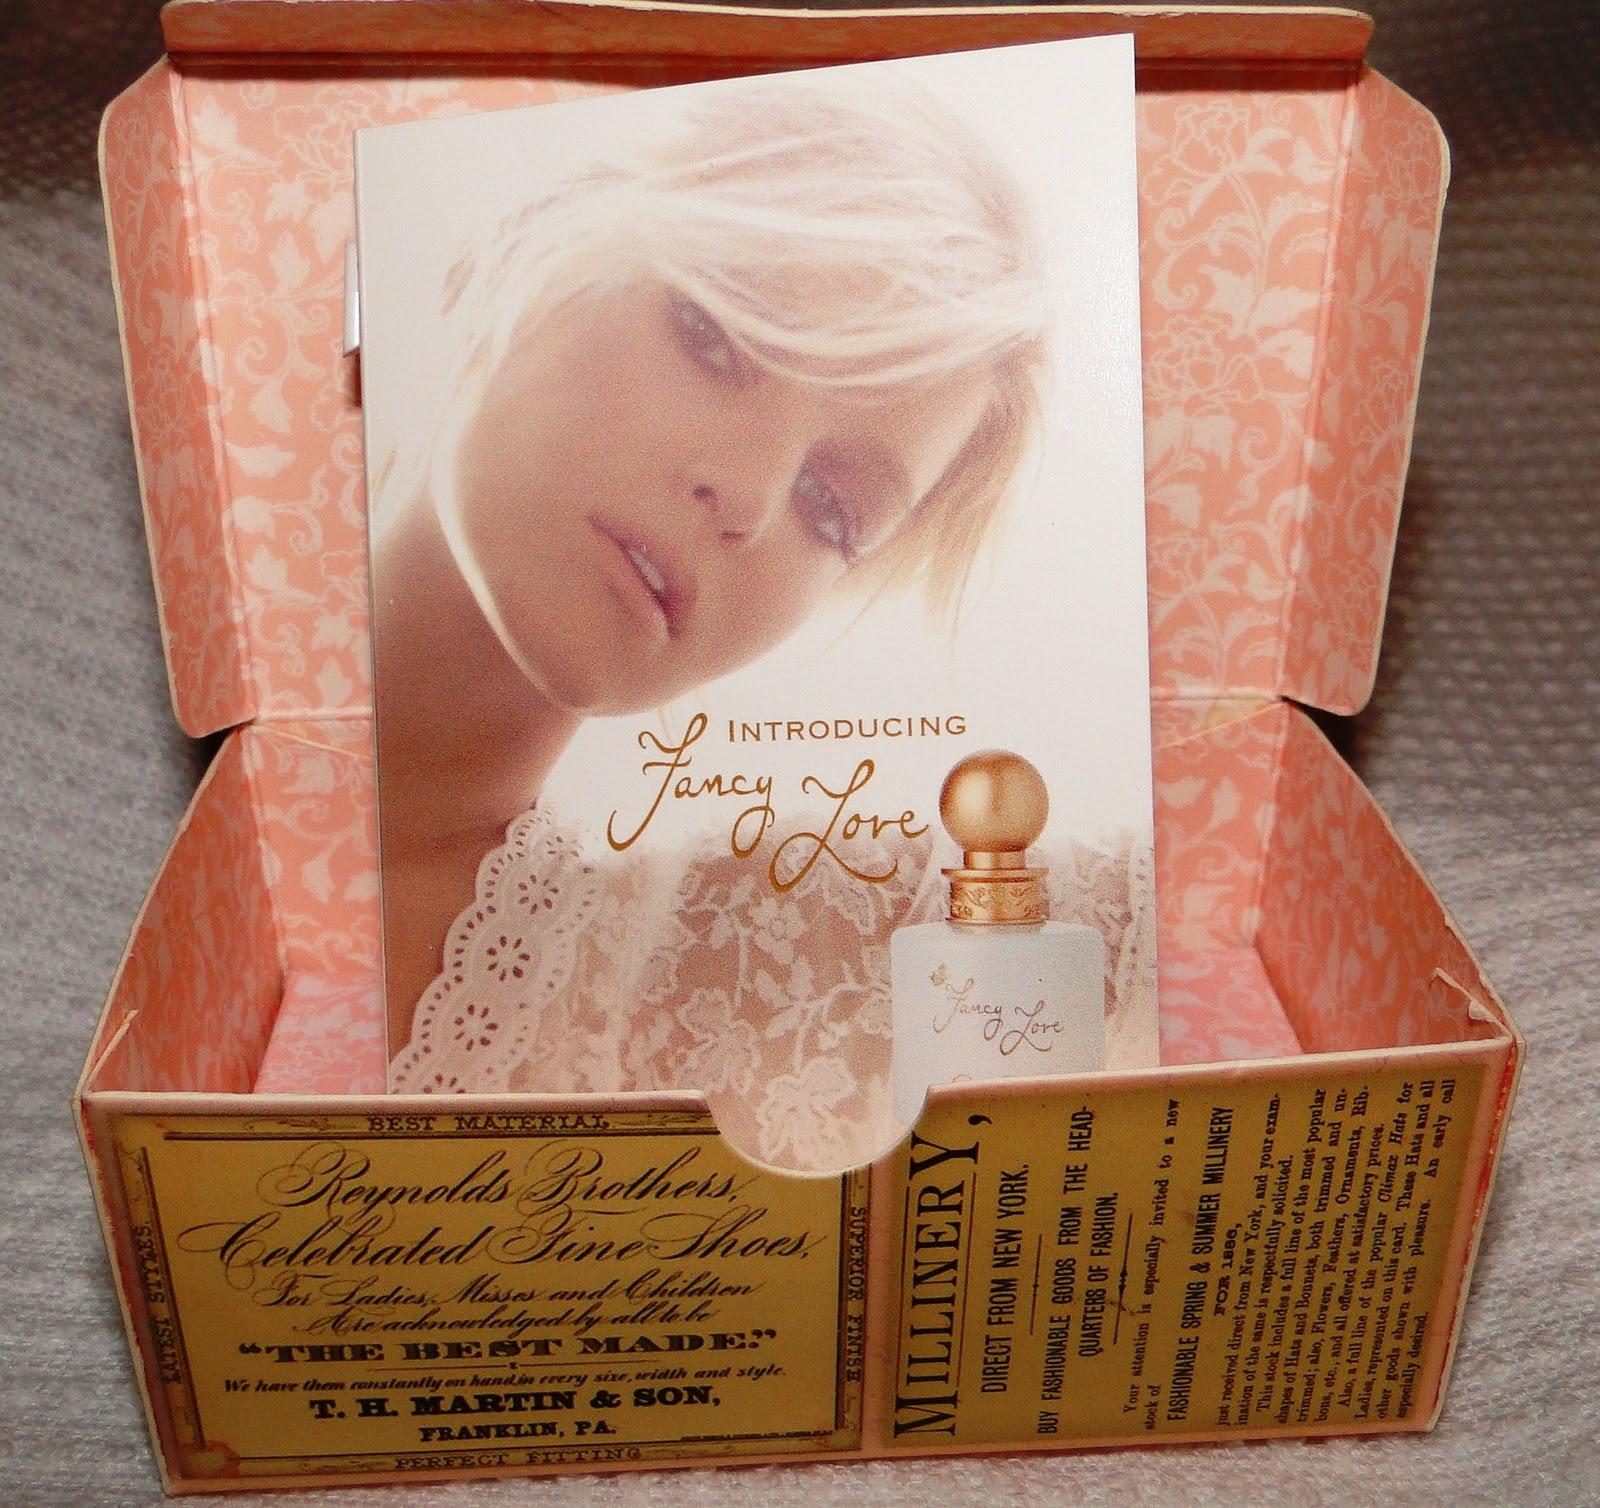 http://2.bp.blogspot.com/_65tjh9qxWP0/TSzhP-2p53I/AAAAAAAAAWE/aRca7i0Mct0/s1600/Perfume.JPG